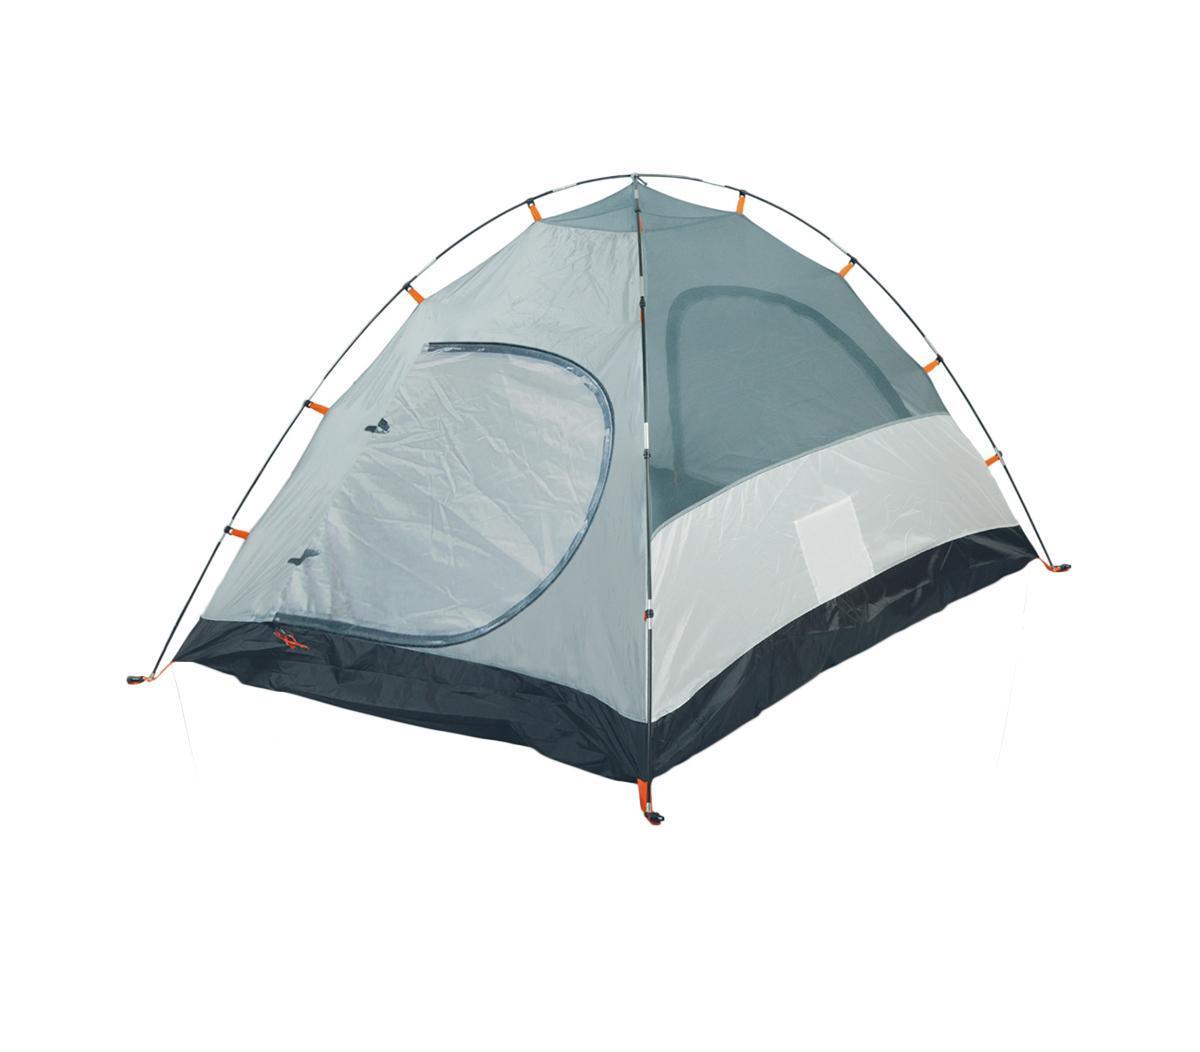 Палатка Husky Bizam 2, цвет: светло-зеленый800802Палатка Bizam 2 является одной из основных моделей походных палаток Husky и идеально подходит для двоих. Представляет собой двухслойную однокомнатную палатку с двумя входами и тамбуром. Внутренняя палатка выполнена из водоотталкивающего нейлона, швы наружного тента проварены специальной лентой. Палатка с комфортной вентиляционной системой, удобная в использовании благодаря небольшому весу и размеру, предназначена для пешего туризма, кемпинга или велотуризма. К палатке прилагаются — дюралевые колышки, ремкомплект, компрессионный мешок, сетка для мелочей. Характеристики:Количество мест: 2. Размер палатки: 290 см х 145 см х 120 см. Спальная комната: 210 см х 145 см. Количество входов: 2. Дуги из фибергласа: 8,5 мм/7,9 мм. Материал наружного тента: полиэстер 185Т, водостойкость 3000 мм.вд.ст. Материал внутреннего тента: нейлон 190Т, противомоскитные сетки. Материал дна: полиэстер 190Т, водостойкость 6000 мм.вд.ст. Размер в собранном виде:50 см х 14 см х 14 см. Вес:2900 г. Цвет:светло-зеленый. Производитель: Чехия. Изготовитель: Китай.